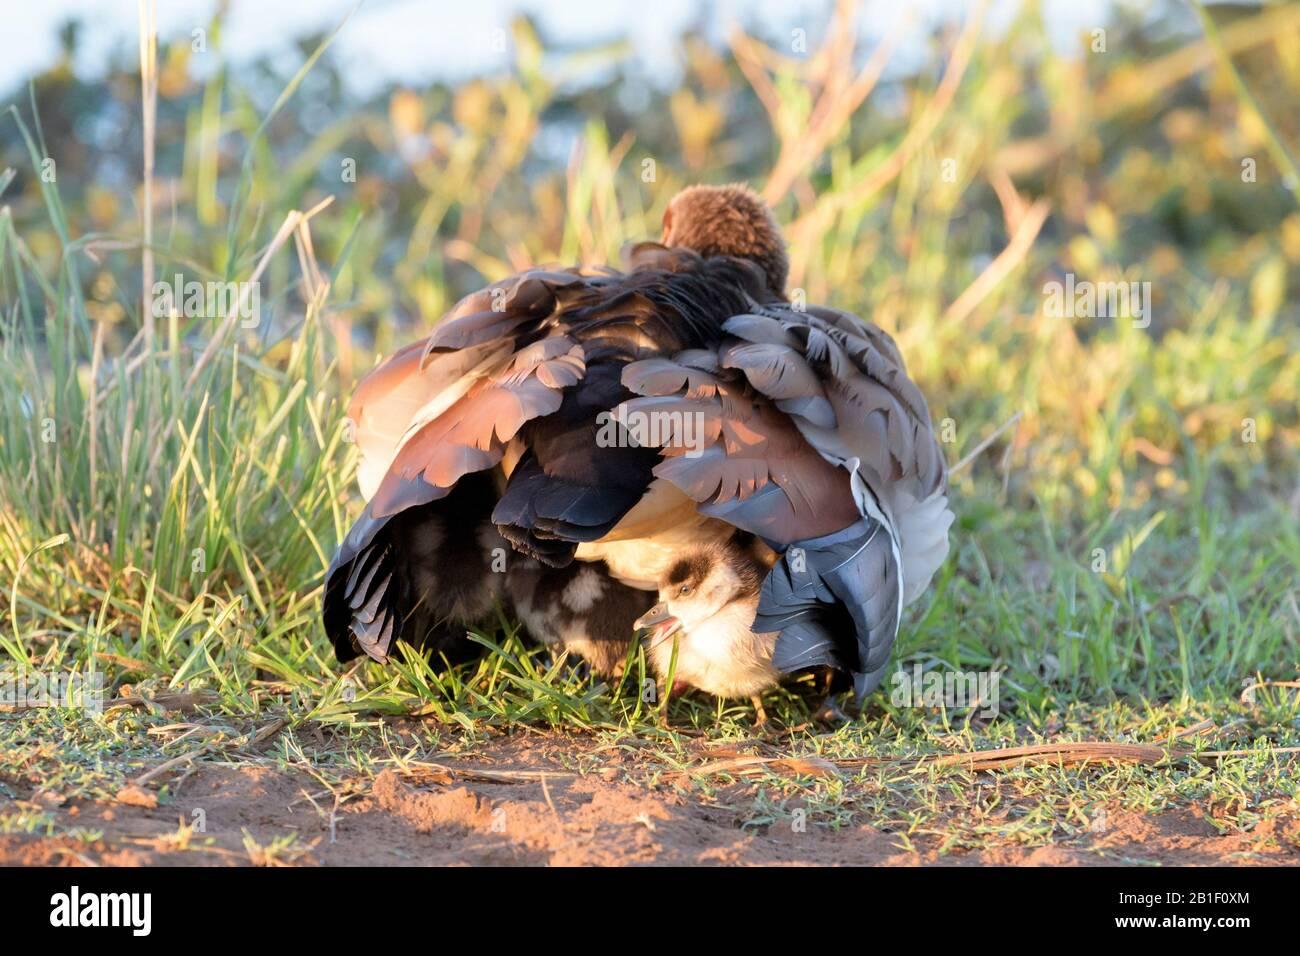 La familia del ganso egipcio (Alopochen aegyptiaca), el chick escondido bajo la madre, el Parque Nacional Kruger, Sudáfrica, Foto de stock